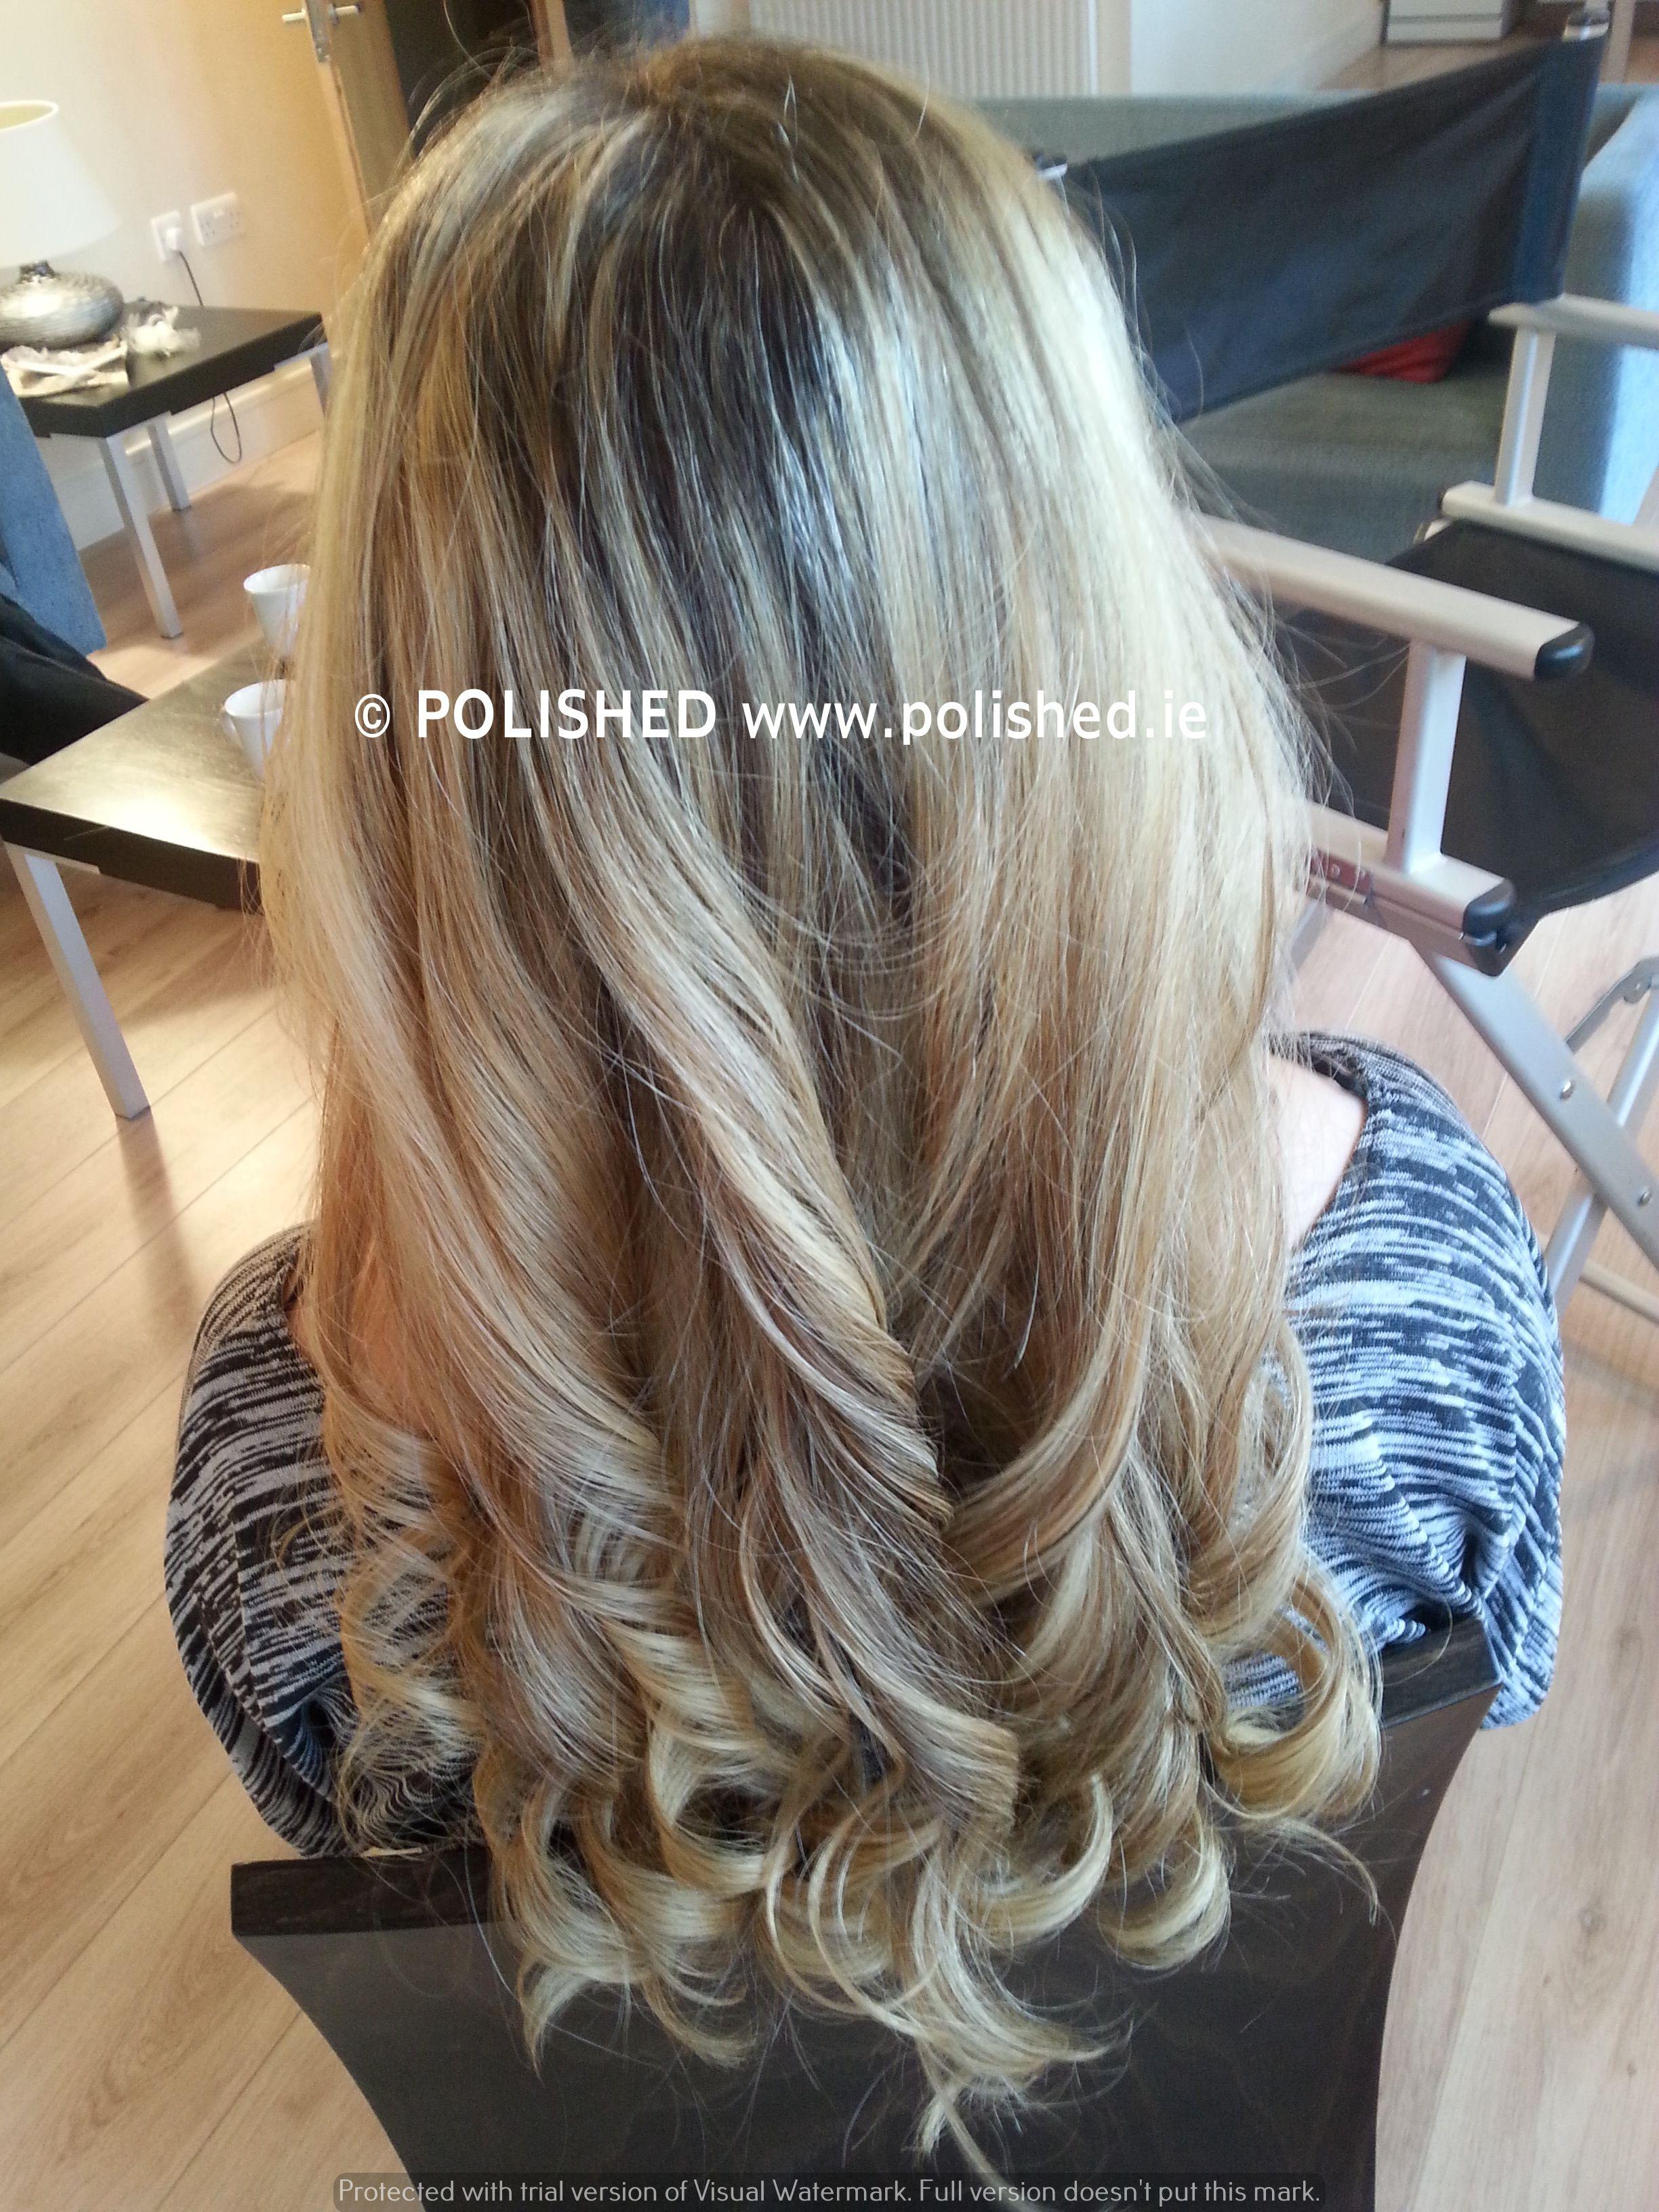 ghd curls i did for a wedding guest | wedding hair ideas